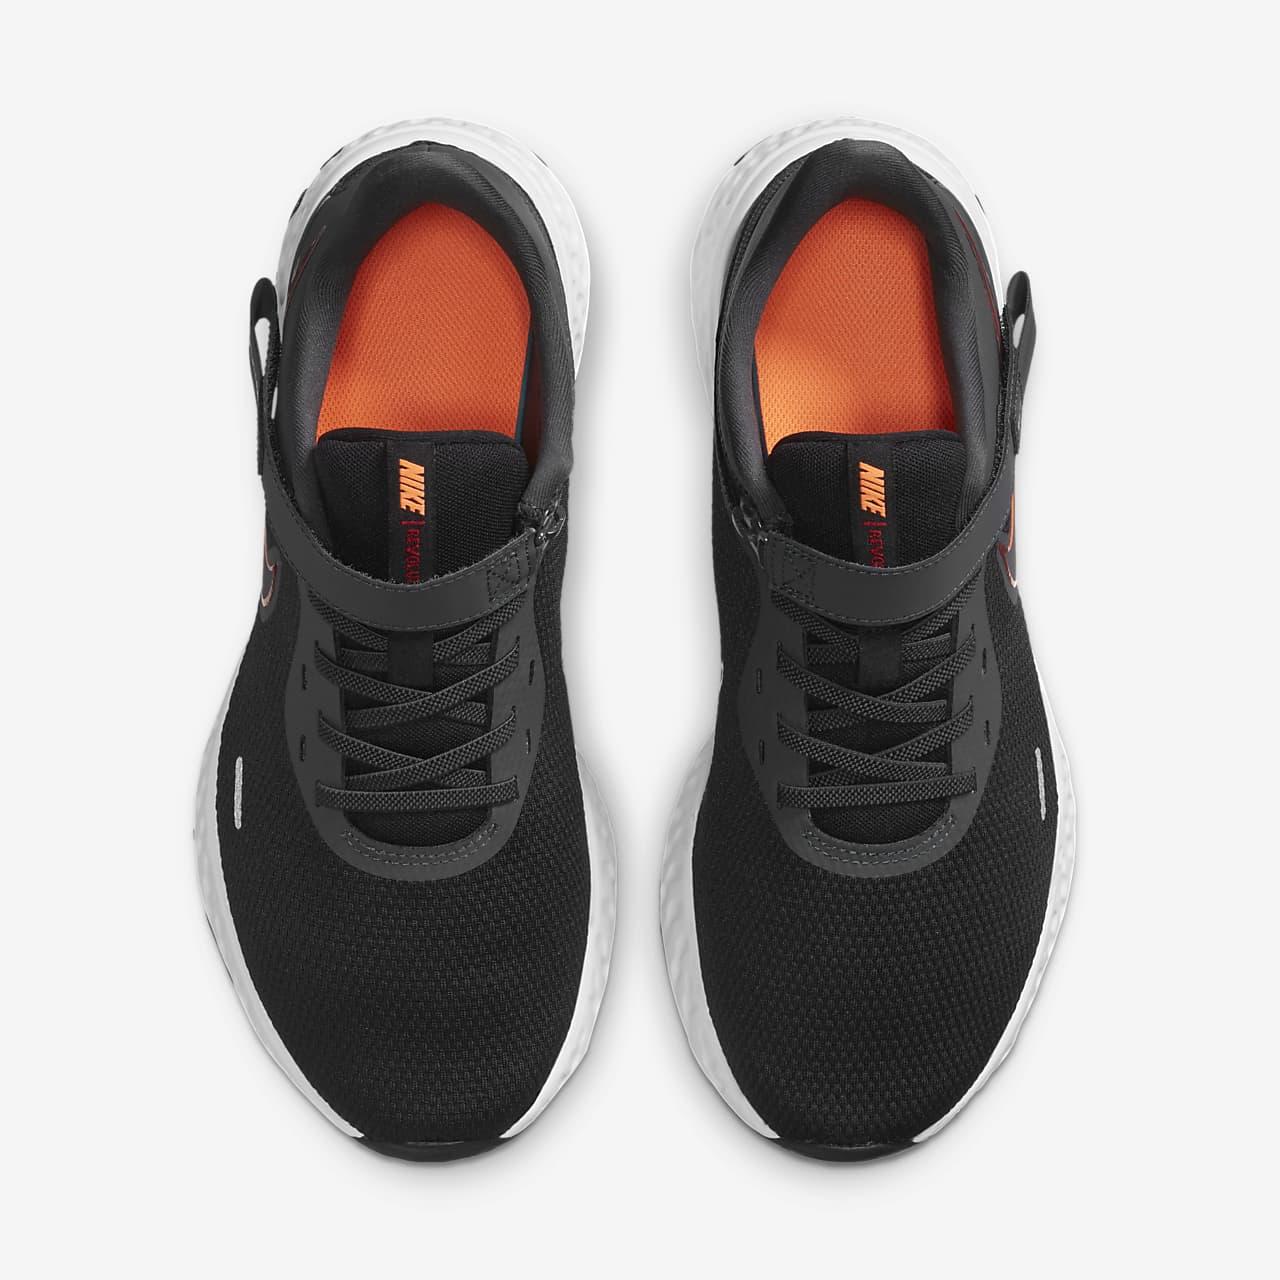 유럽직배송 나이키 NIKE Nike Revolution 5 FlyEase Men's Running Shoe (Extra Wide) CJ9885-011